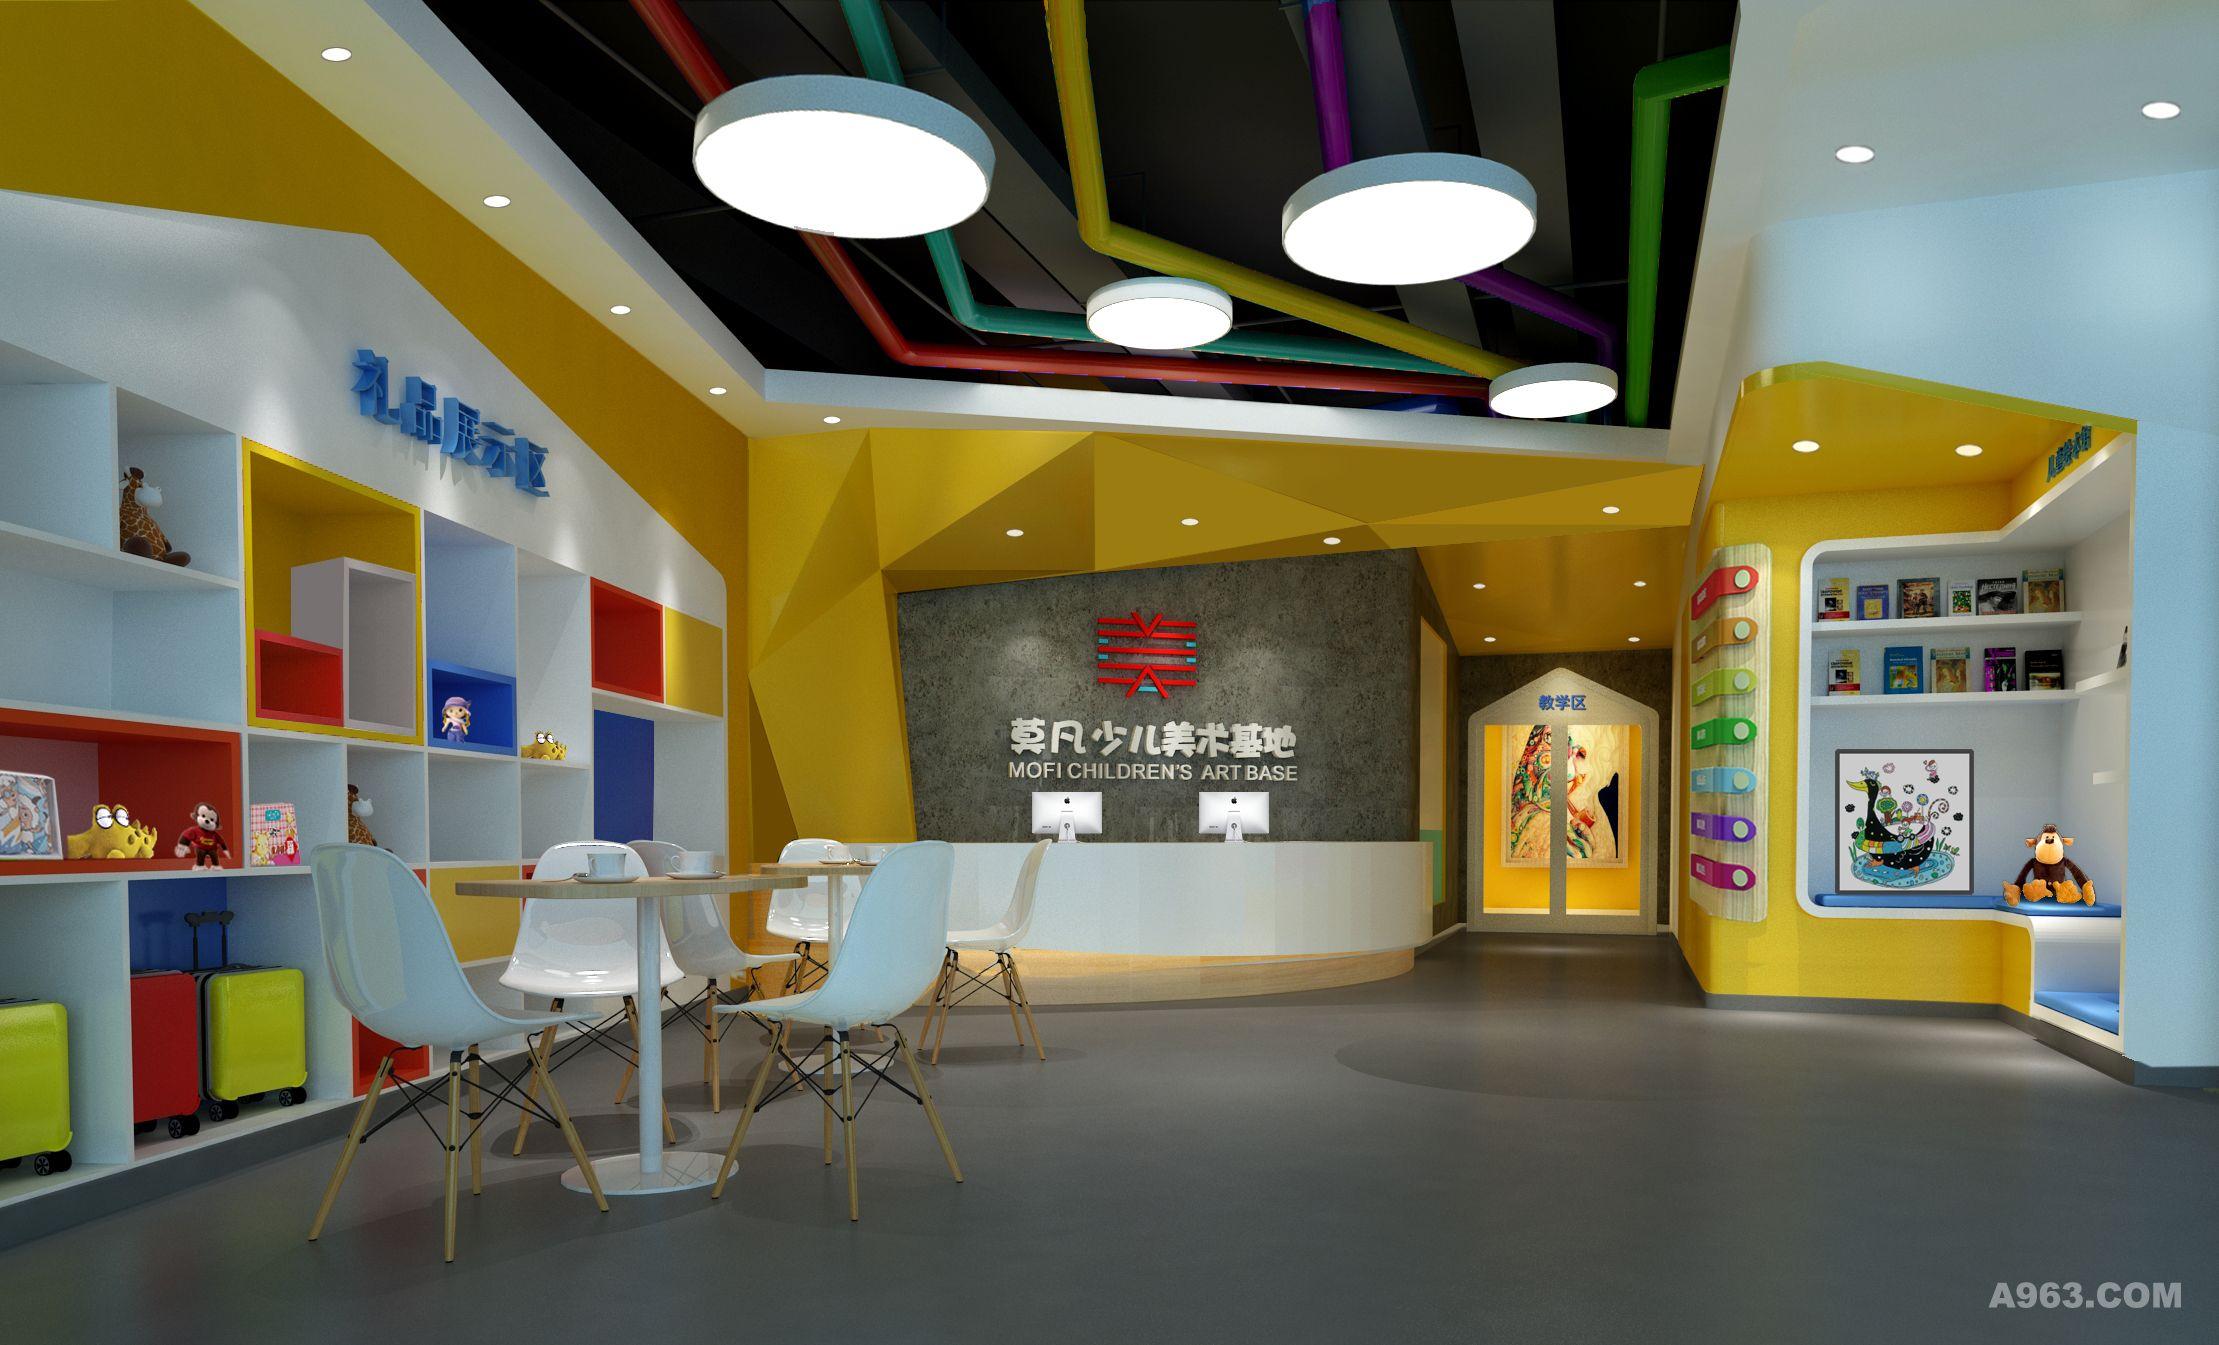 大厅效果图,经过精心的设计,弧形的前台与异形背景墙结合,入门左侧